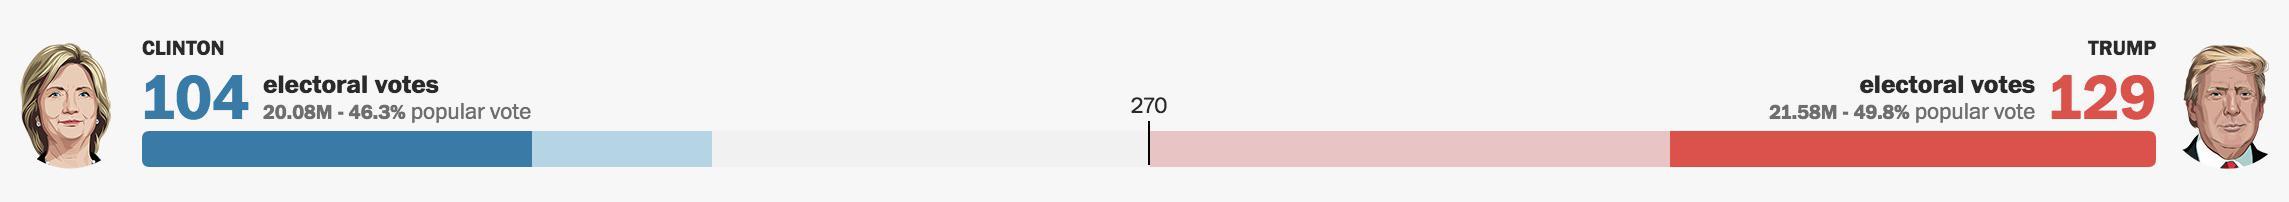 Trump acaricia la presidencia, y es relativamente pronto. Clinton se está hundiendo en muchos Estados.